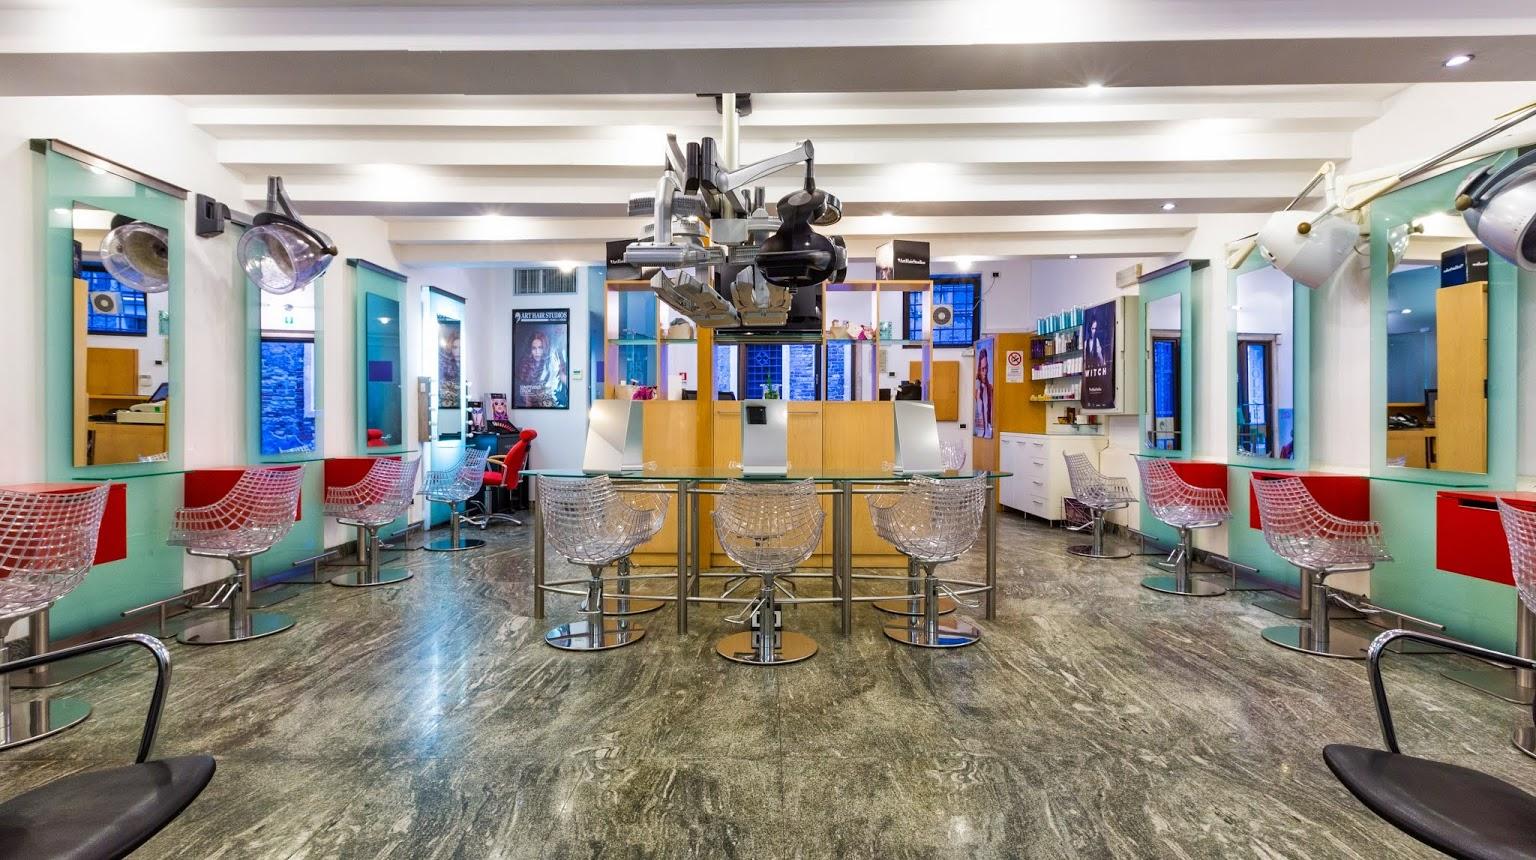 Foto del salone dei parrucchieri Trolese di Venezia